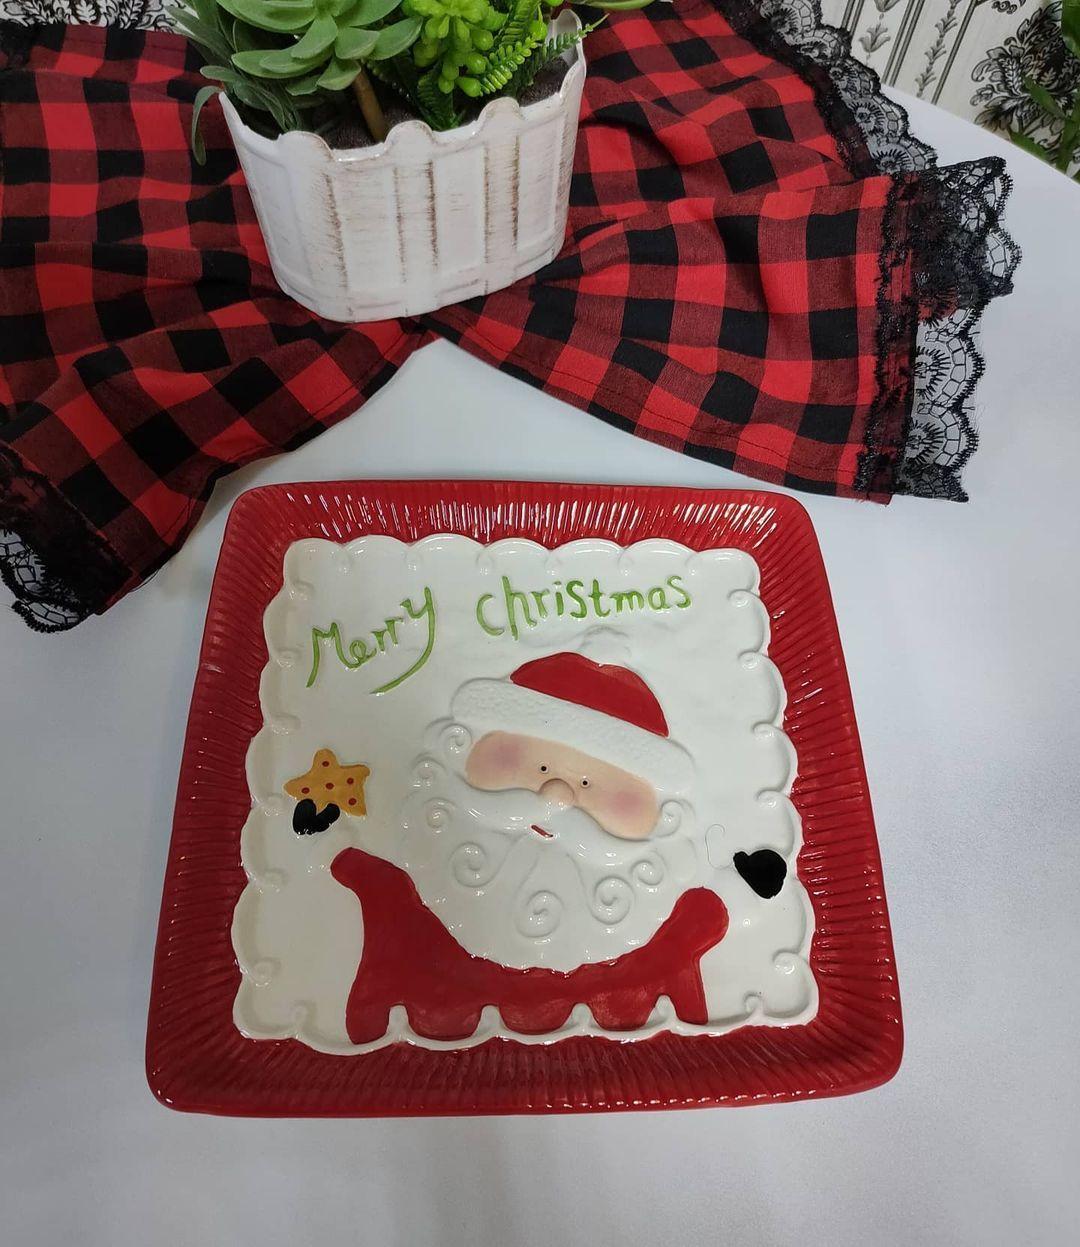 بيت العائلة On Instagram نبلش ويا ثيم الكرسمس الكمية محدوده صحن كرسمس كبير وثقيل السعر ٥ الاف دينار يتوفر توصيل لكافة المحاف Merry Christmas Merry Christmas